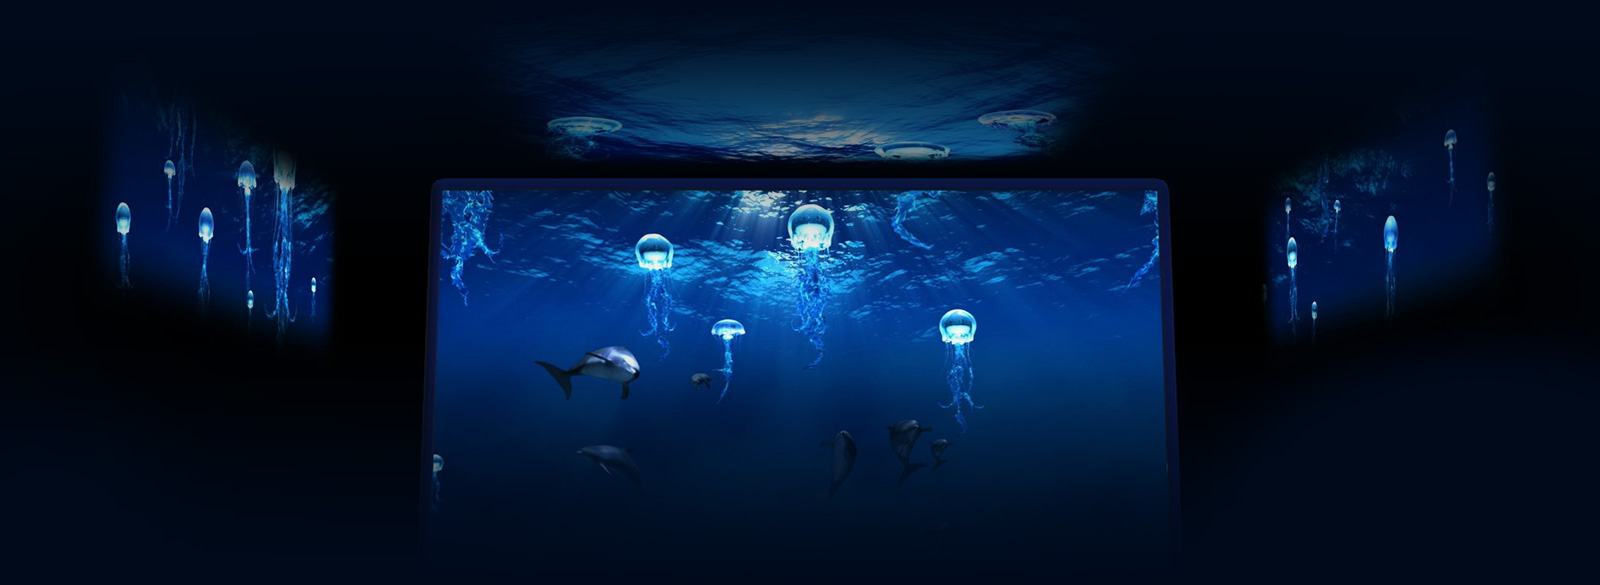 Scopri l 39 acquario di genova e acquista il biglietto for Blu di metilene acquario